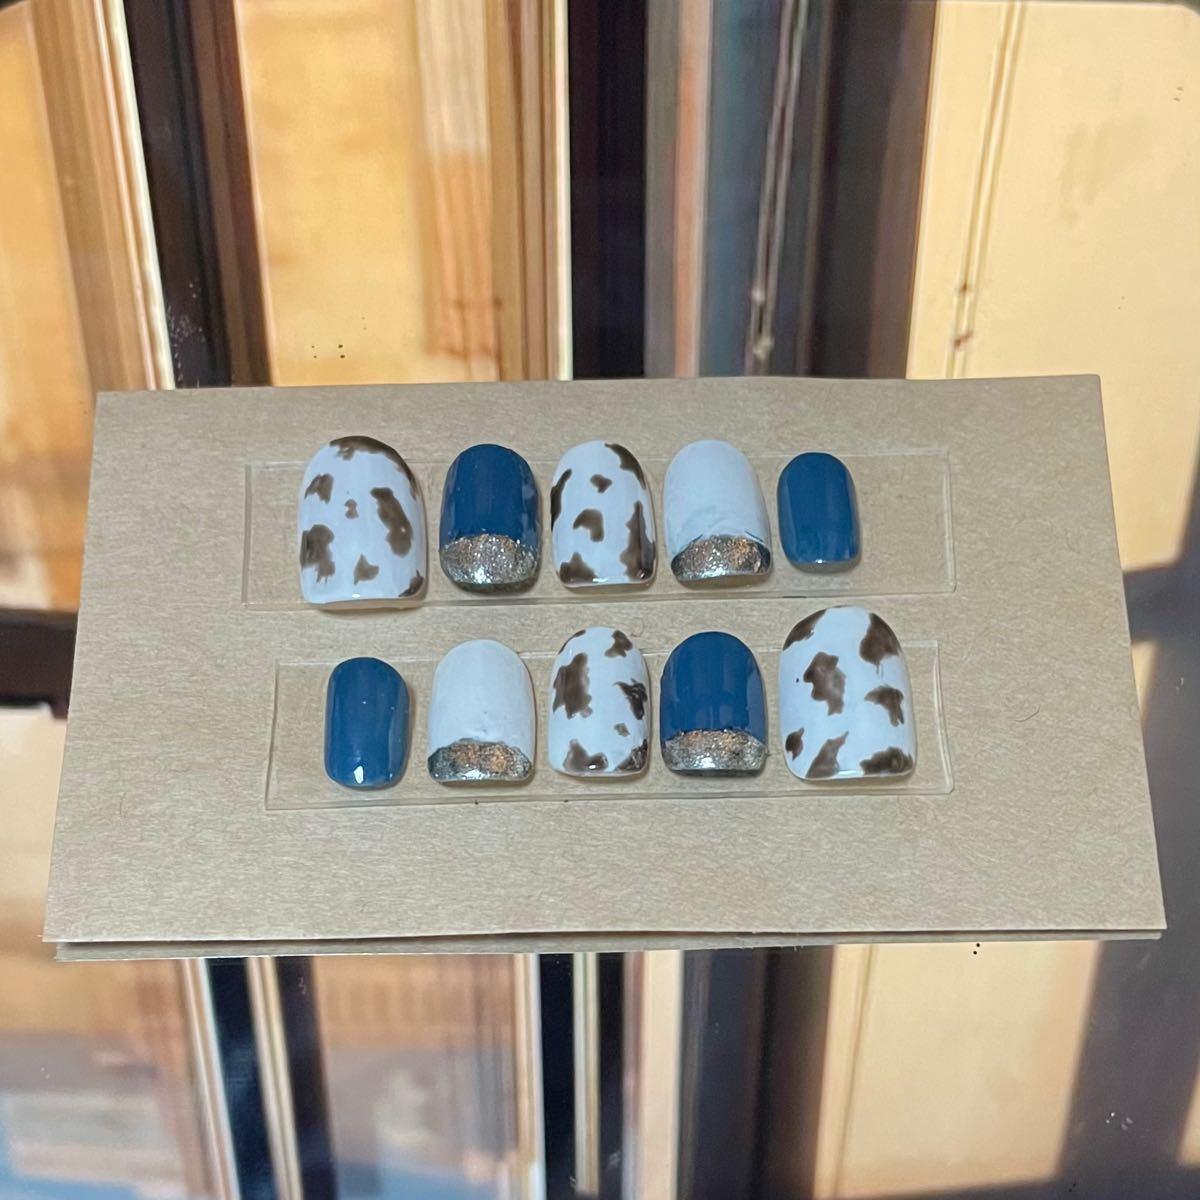 付け爪 ショート丈 ネイルアート ネイルチップ ジェルネイル ボタニカル ブルー ダルメシアン 牛柄 シルバー キラキラ ラメ